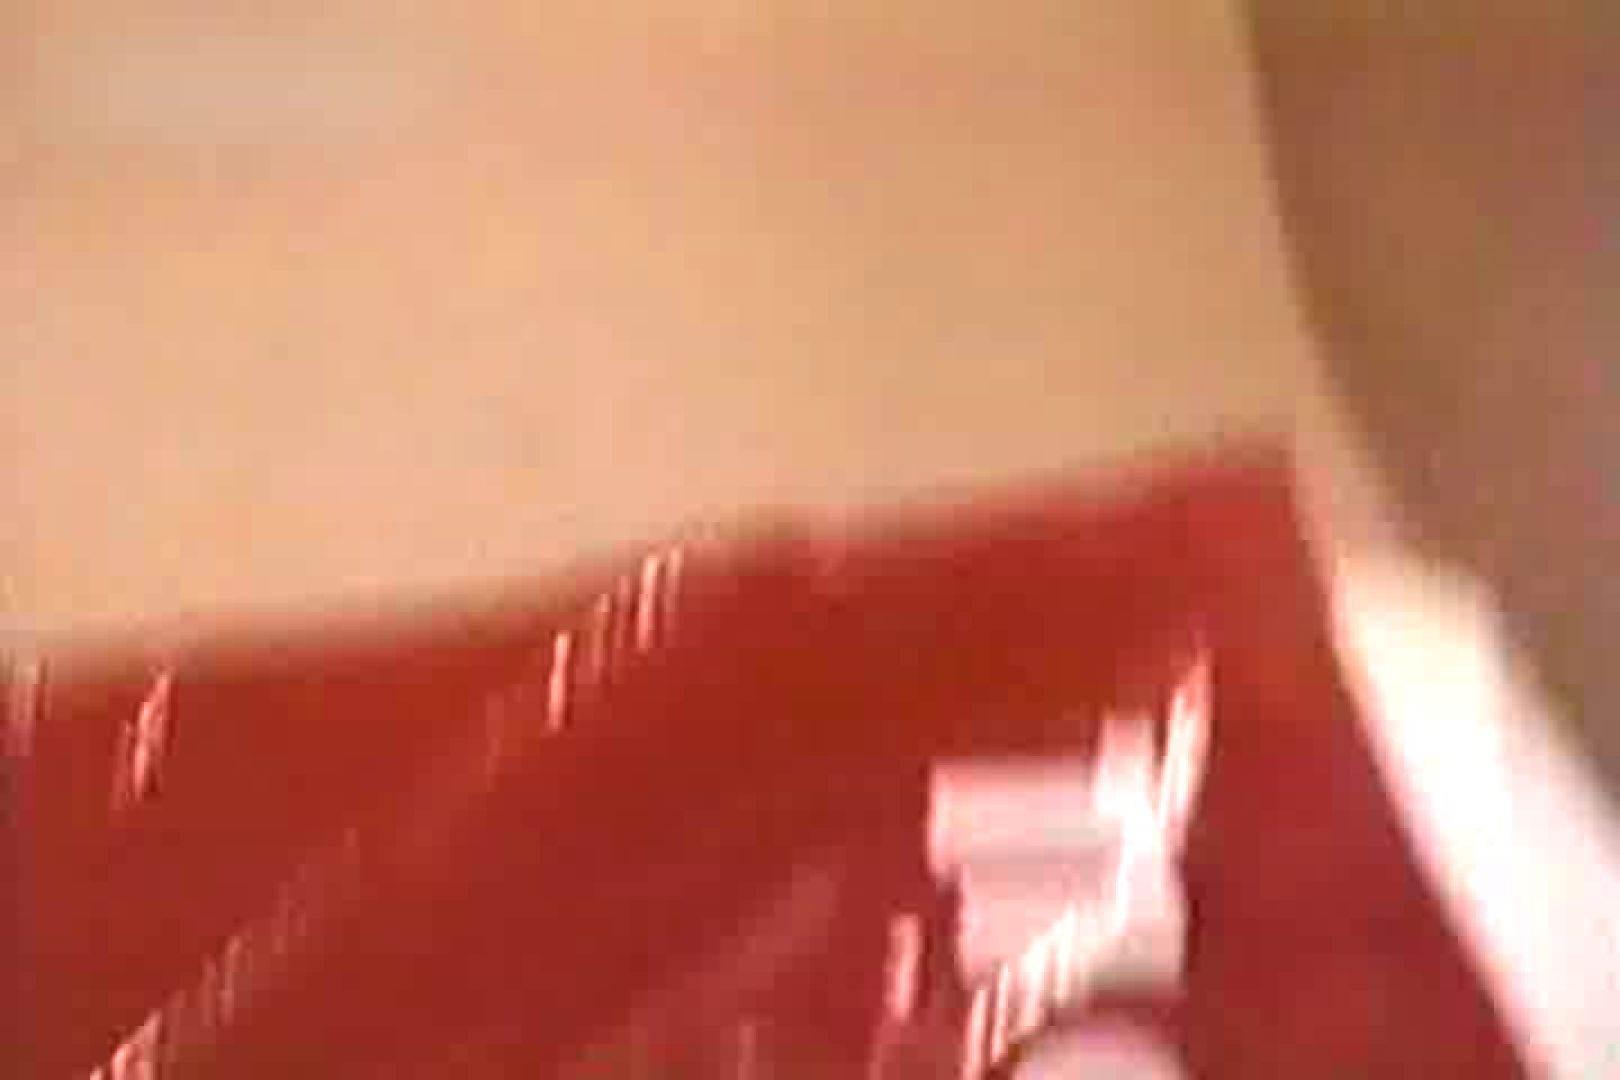 RQカメラ地獄Vol.23 0 | 0  93画像 85